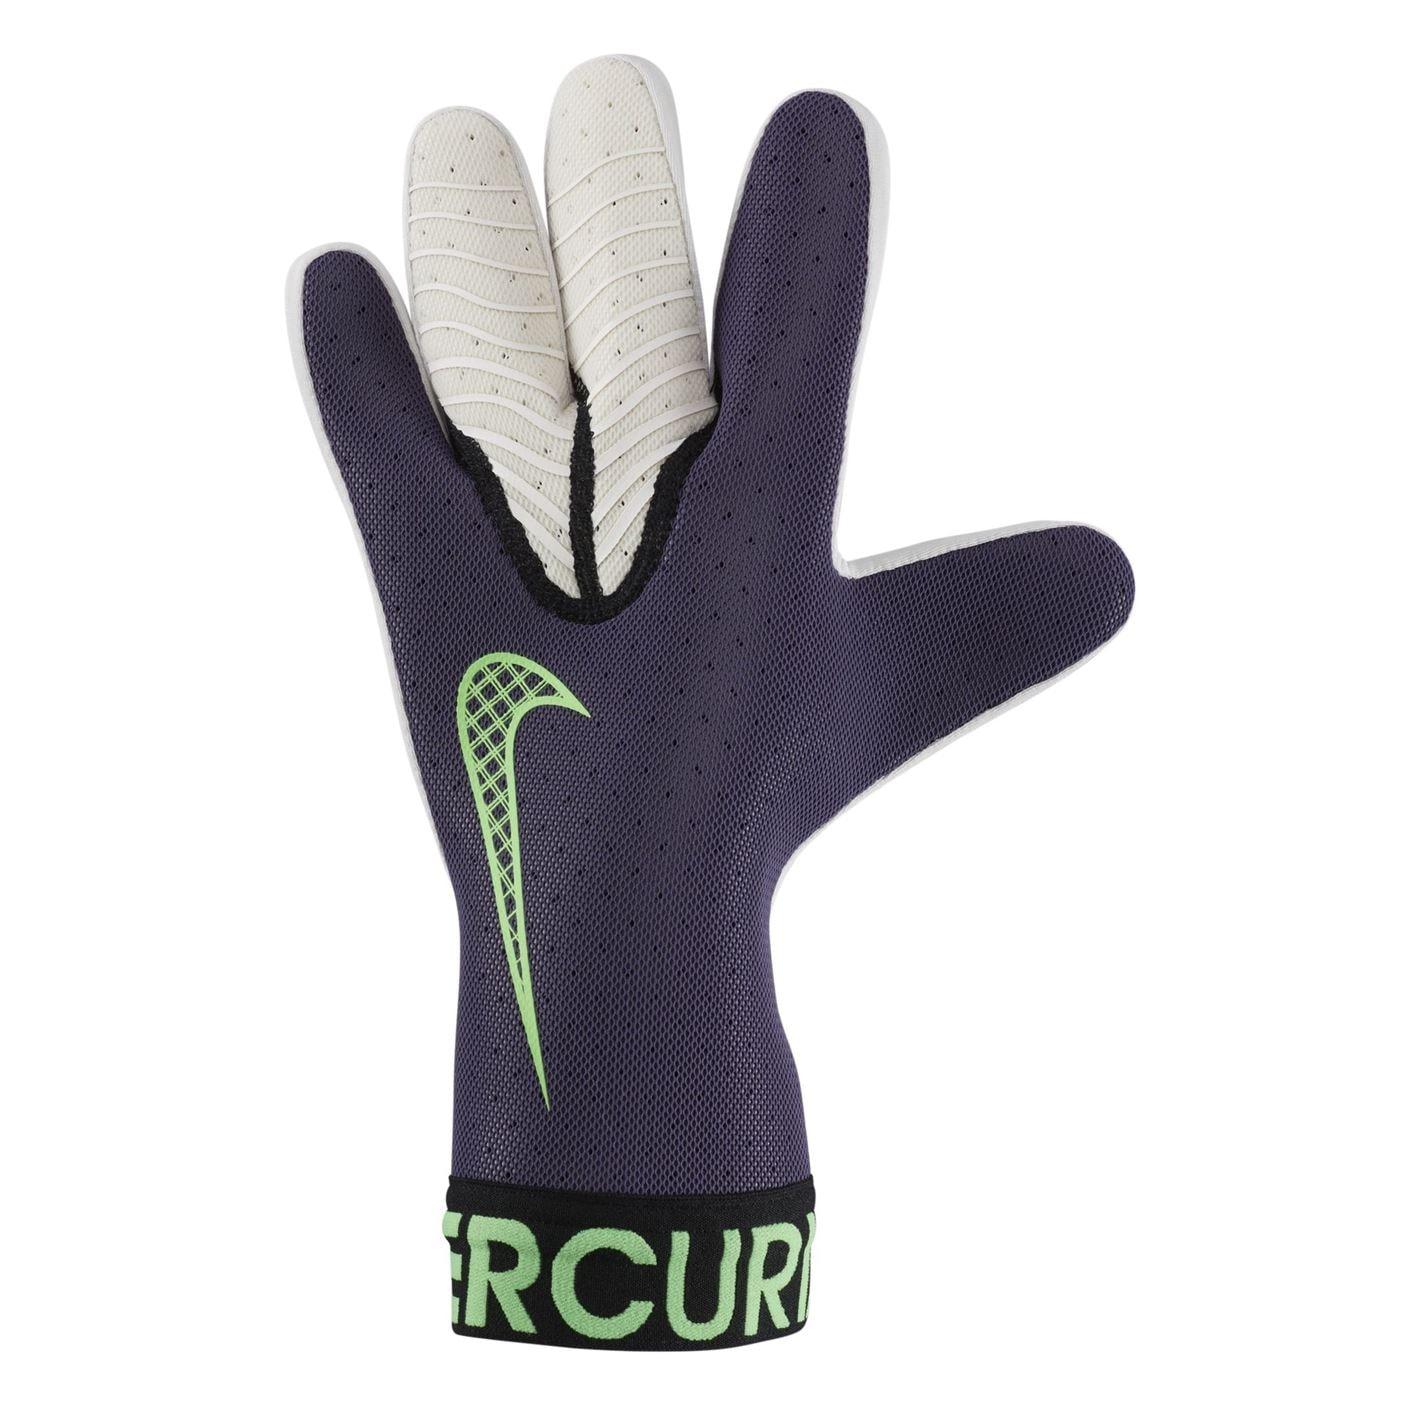 Manusi Portar Nike Mercurial Portar Touch Elite